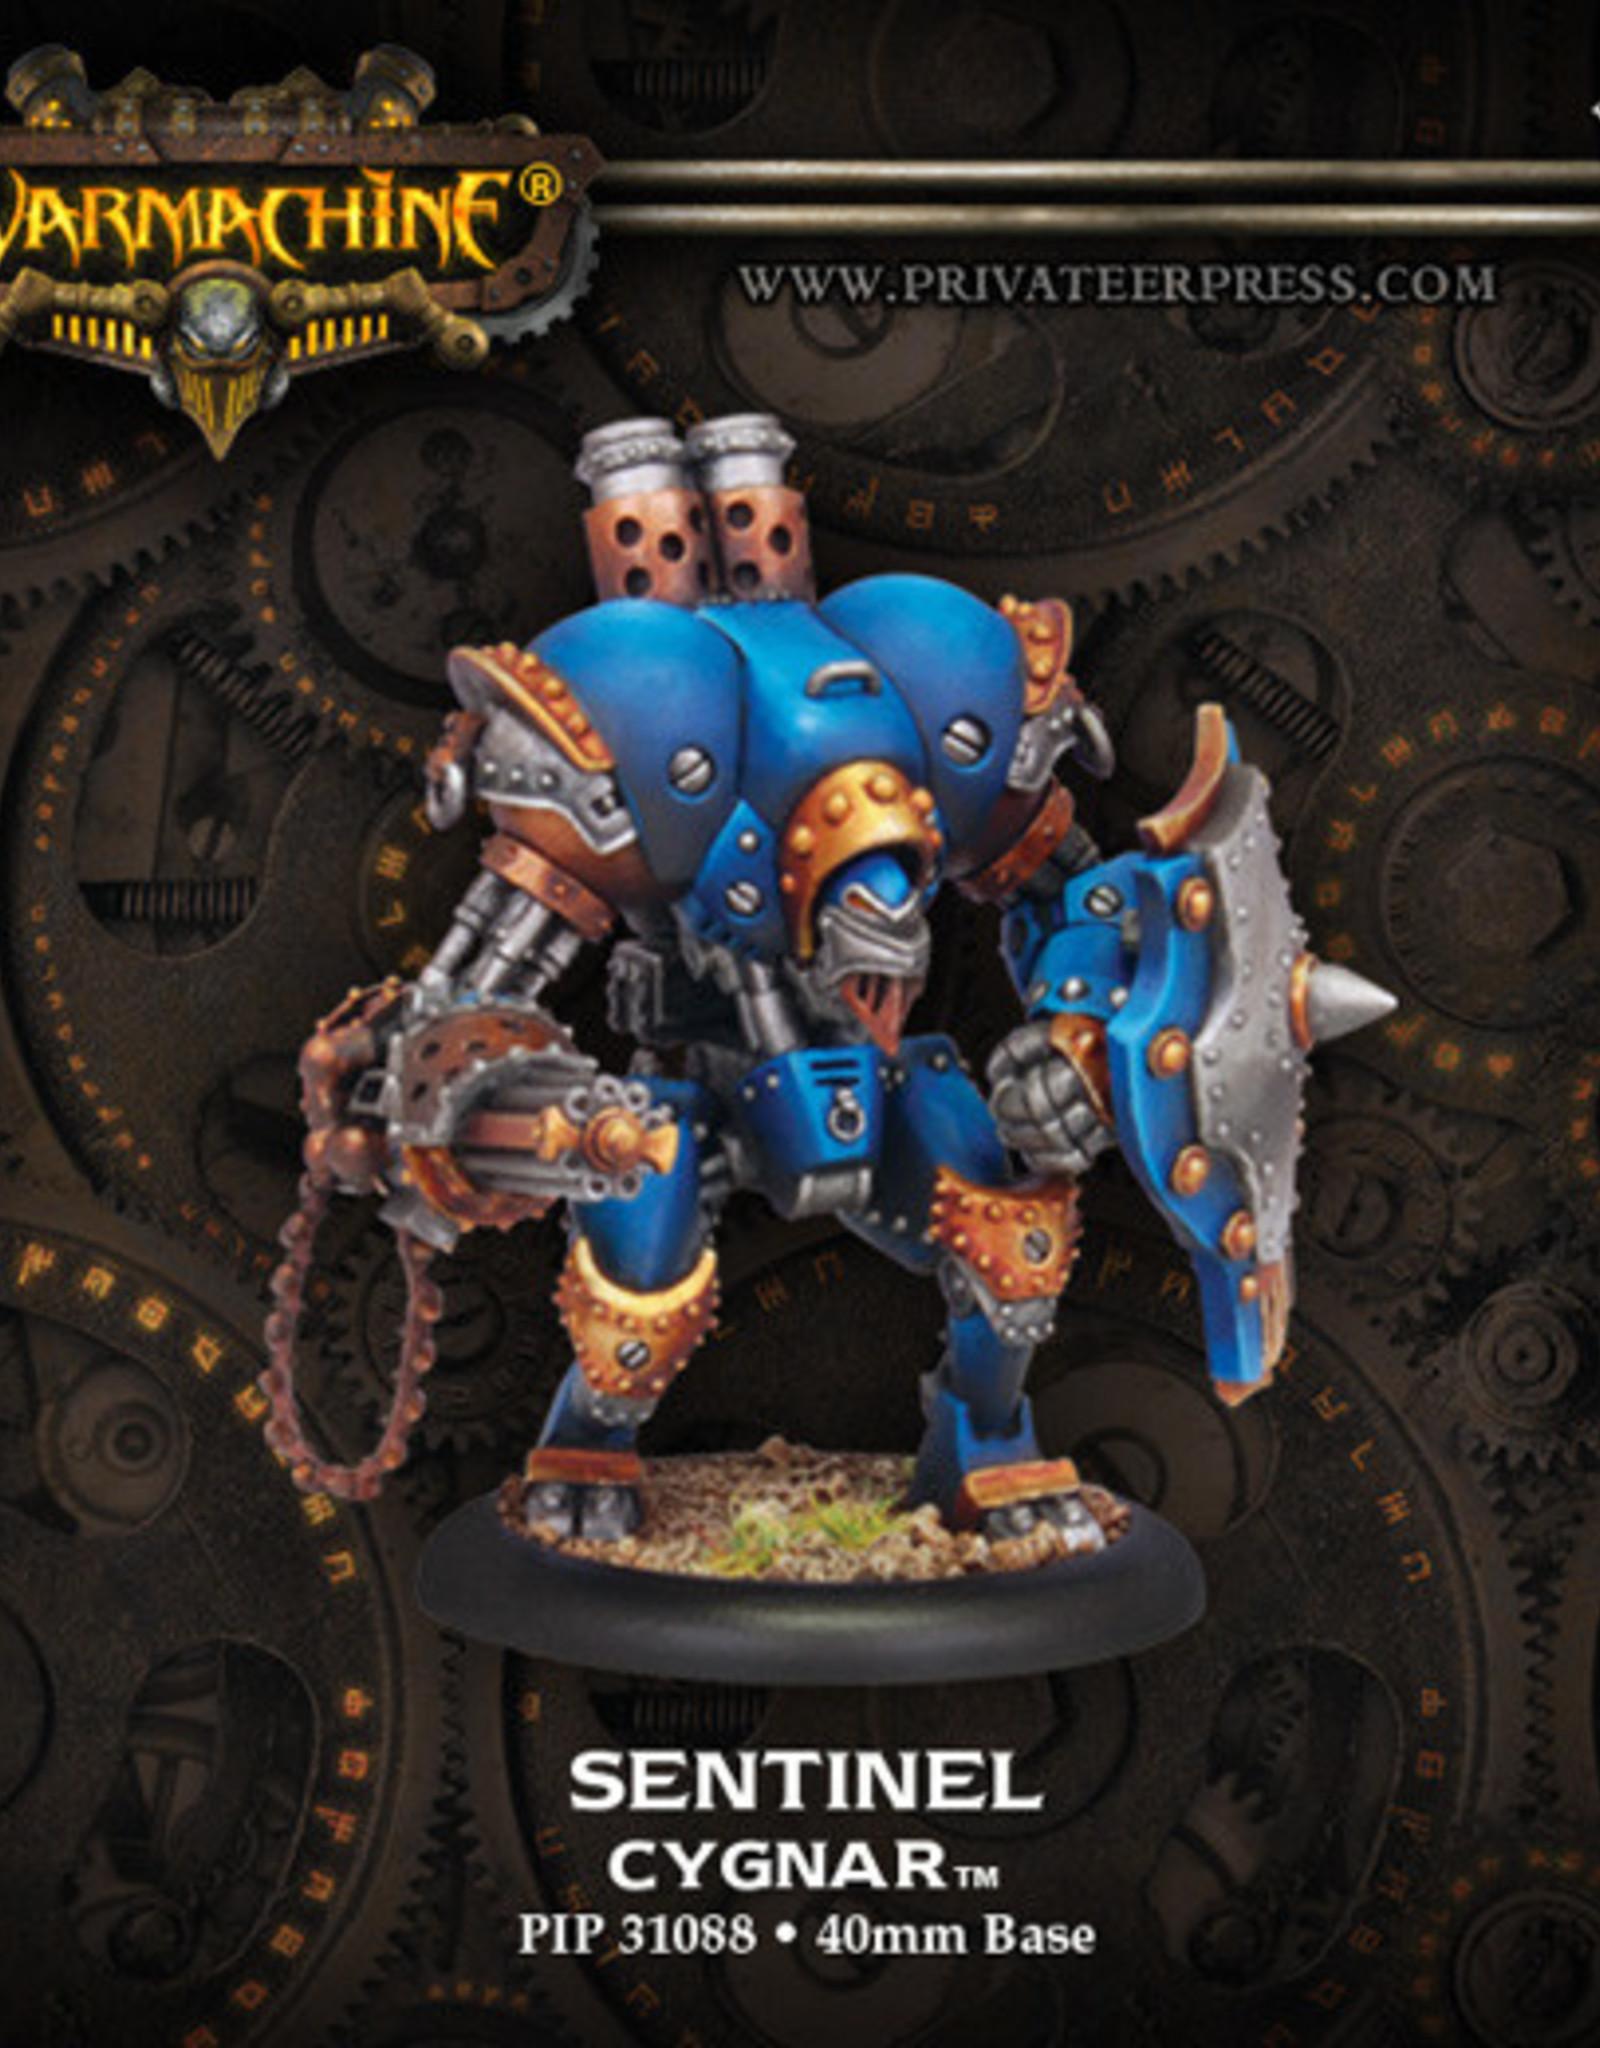 Warmachine Cygnar - Sentinel